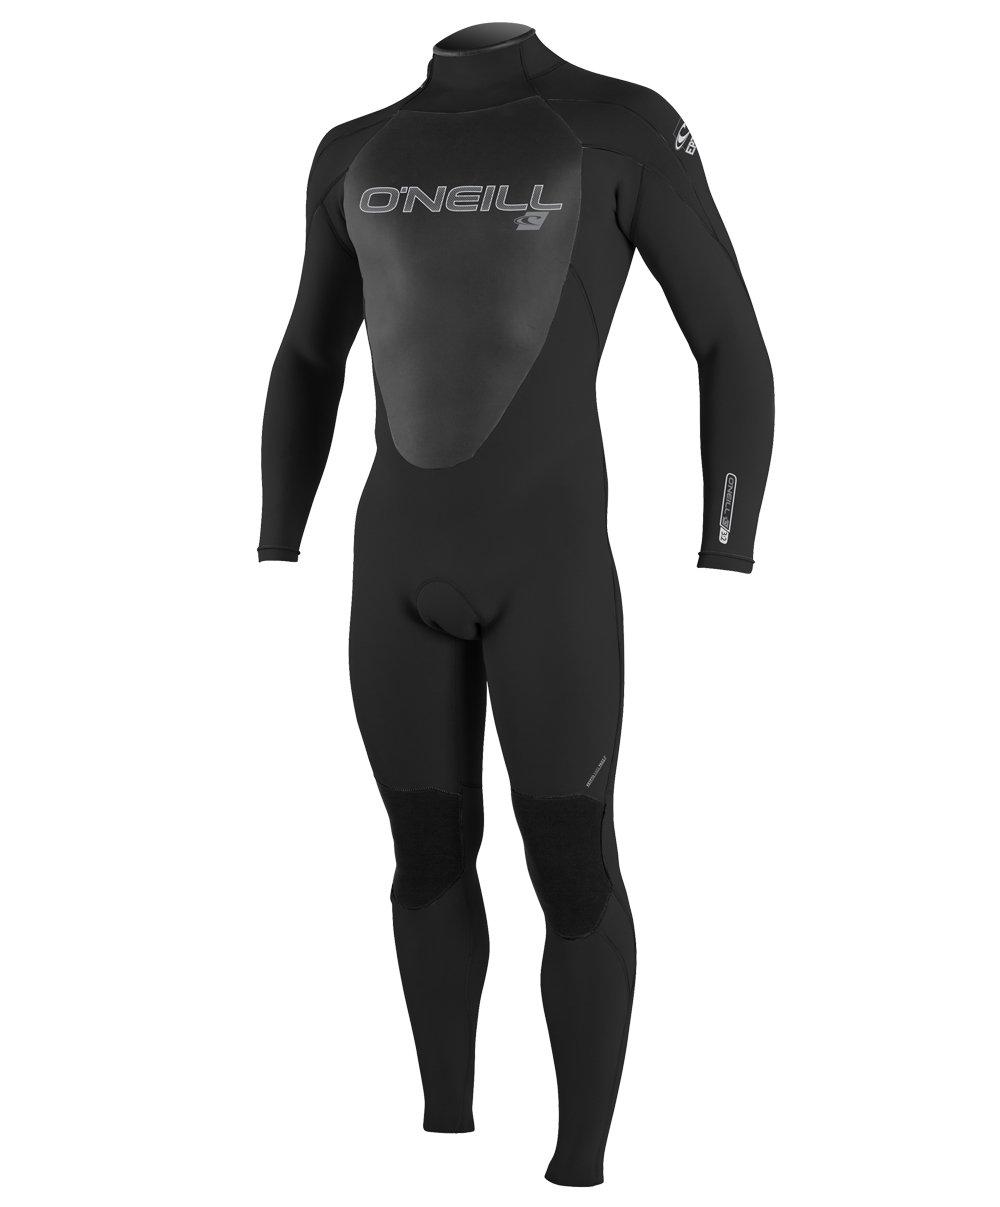 O'Neill  Men's Epic 4/3mm Back Zip Full Wetsuit, Black/Black/Black,Medium Short by O'Neill Wetsuits